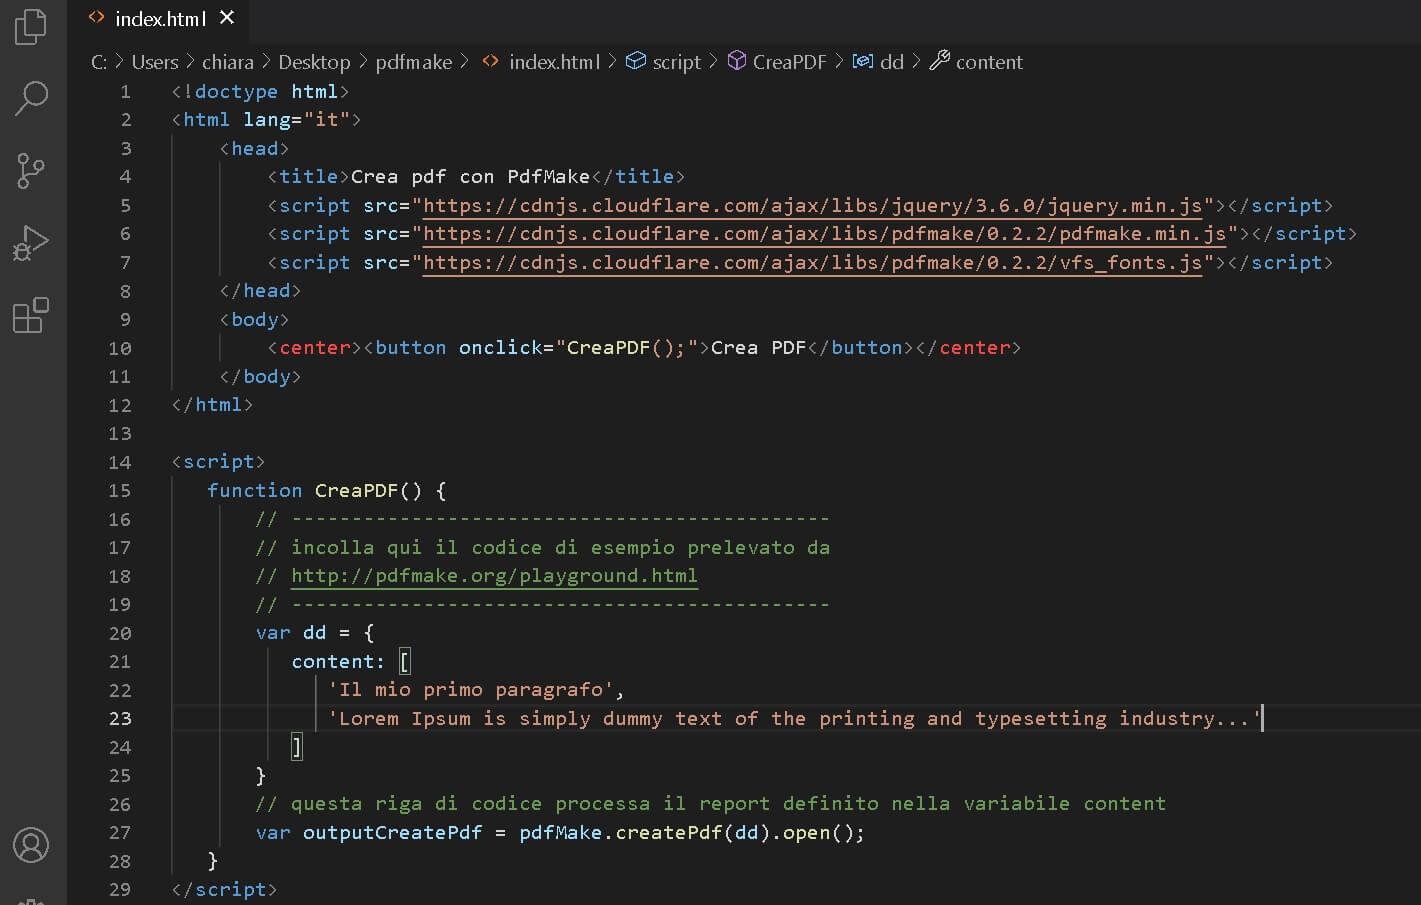 crea pdf con pdfmake e visual studio code